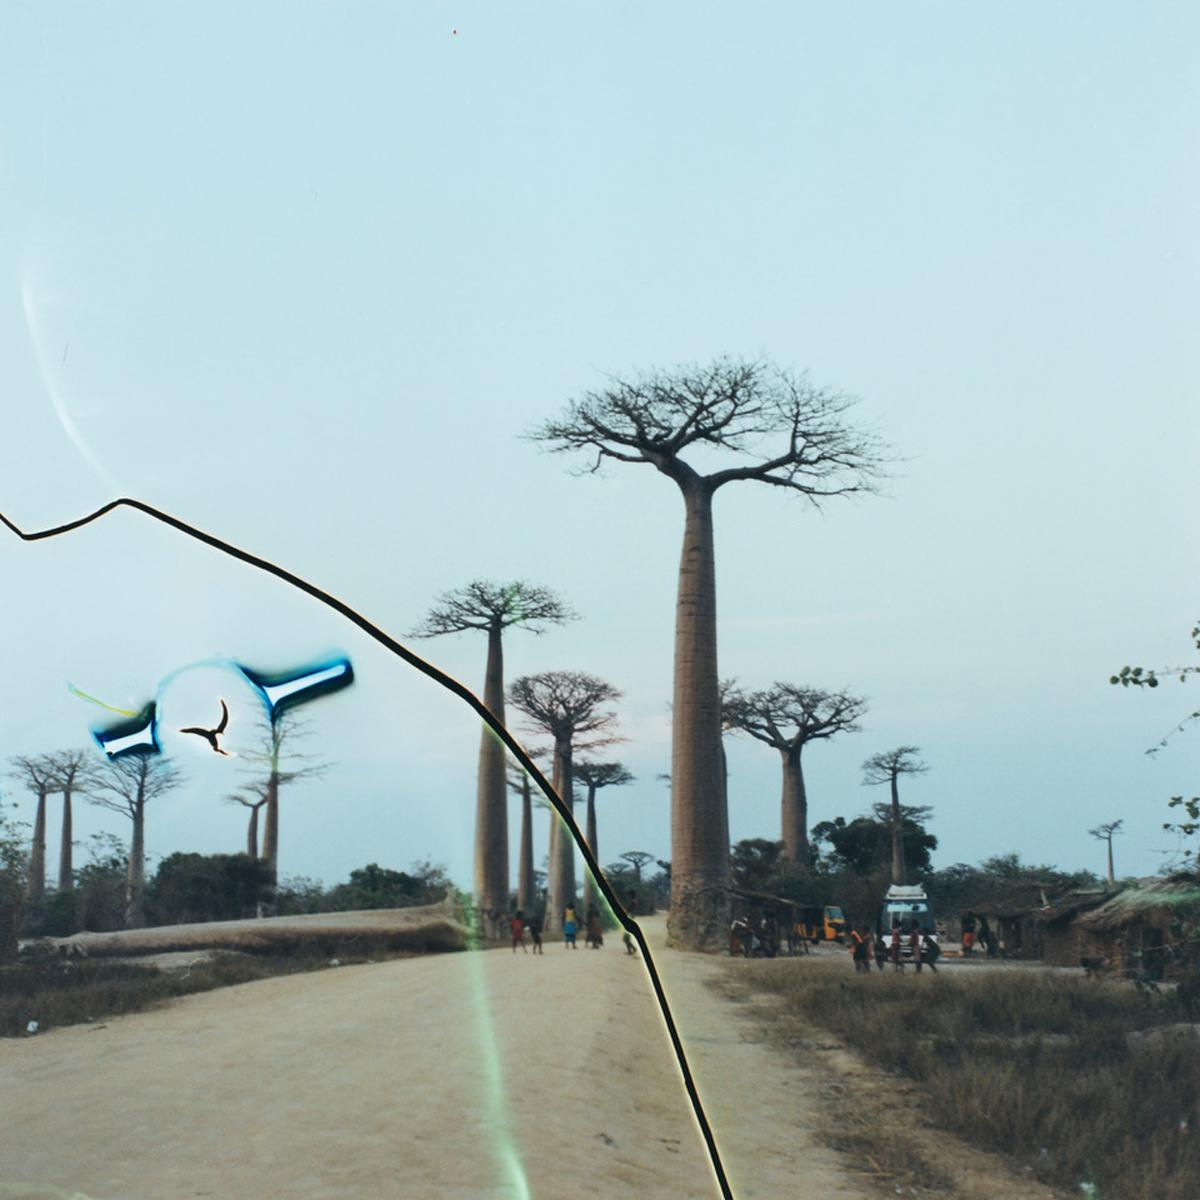 南アフリカの現像所でネガを切られてしまった作品